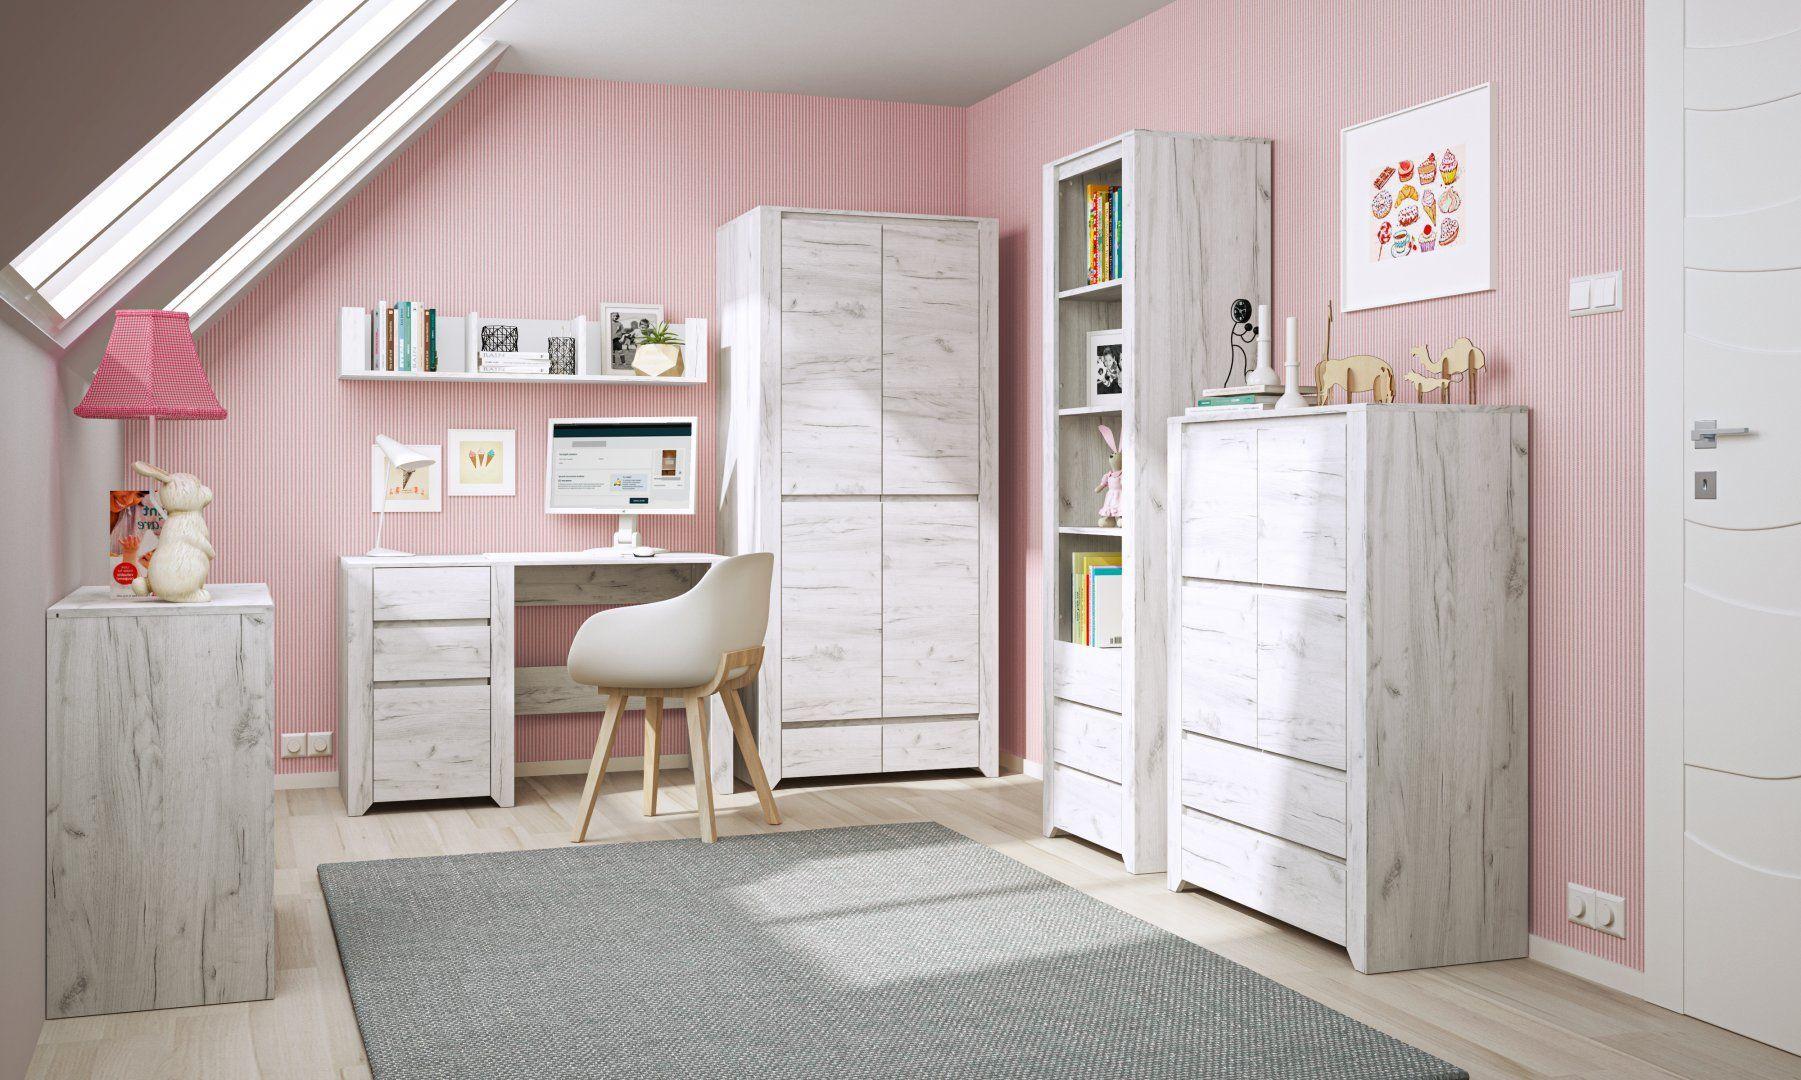 Angel to kolekcja,  która dzięki stylowemu dekorowi Dębu White Craft inspirowanego bielonym drewnem idealnie sprawdzi się w każdego rodzaju aranżacji niezależnie od wieku dziecka. Producent: Meble Wójcik. Cena: 569 zł - komoda, 501 zł - biurko